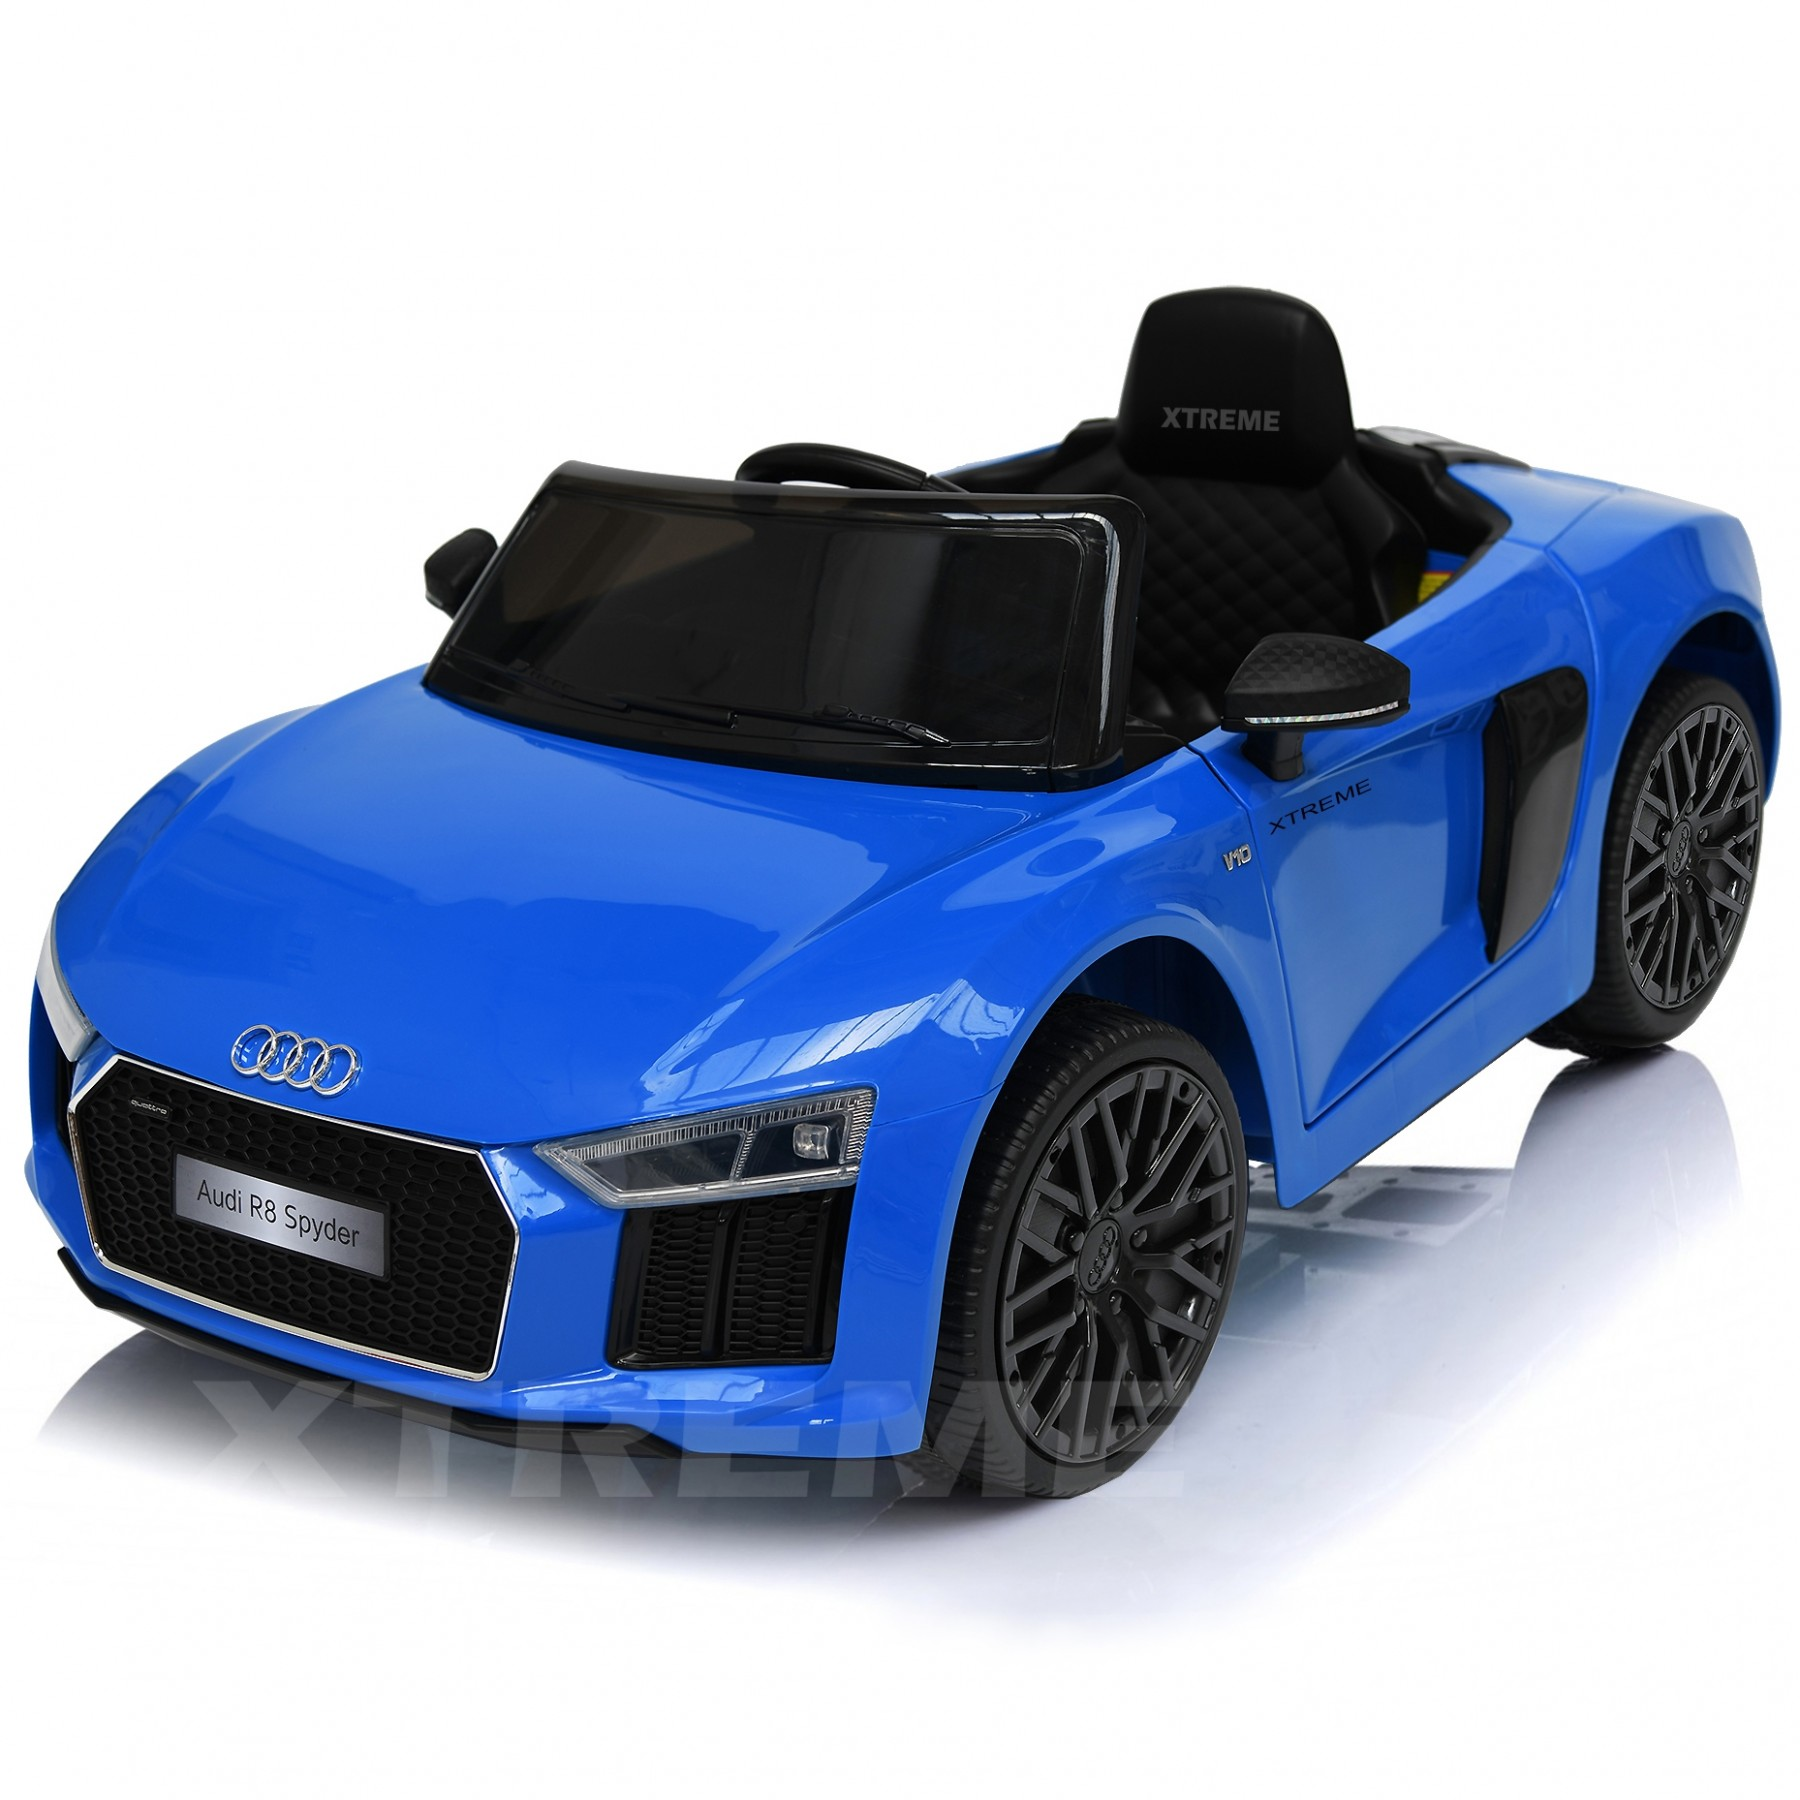 Xtreme 12v Official Licensed Audi R8 Spyder Ride on Car Blue Single Headrest